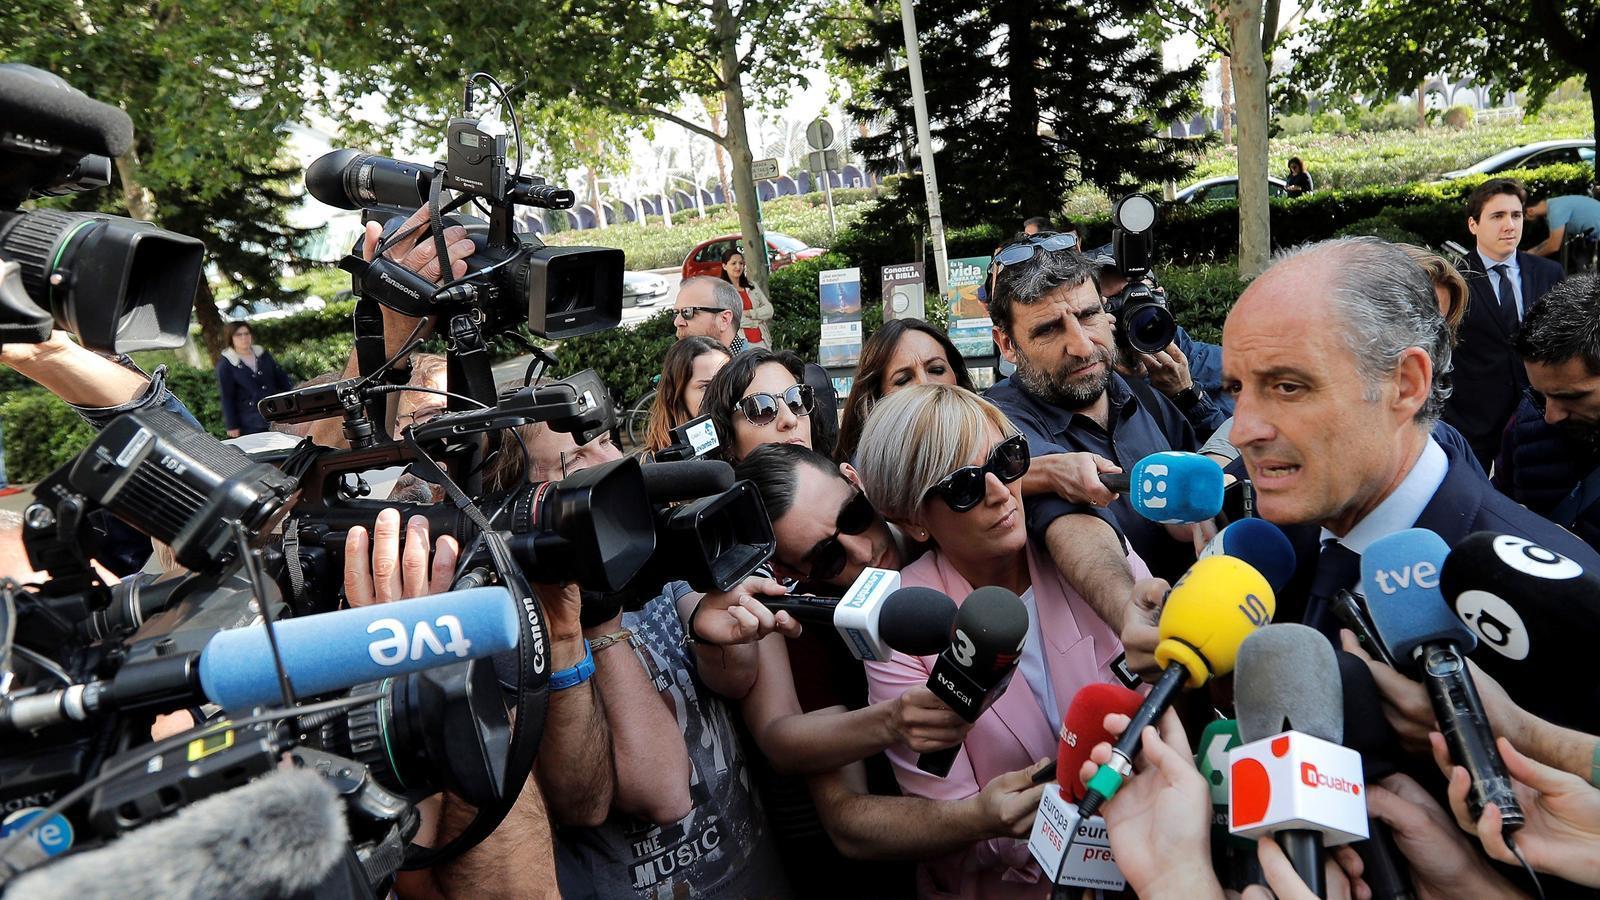 Anticorrupció demana que es processi Francisco Camps per malversació i prevaricació per l'organització de la Fórmula 1